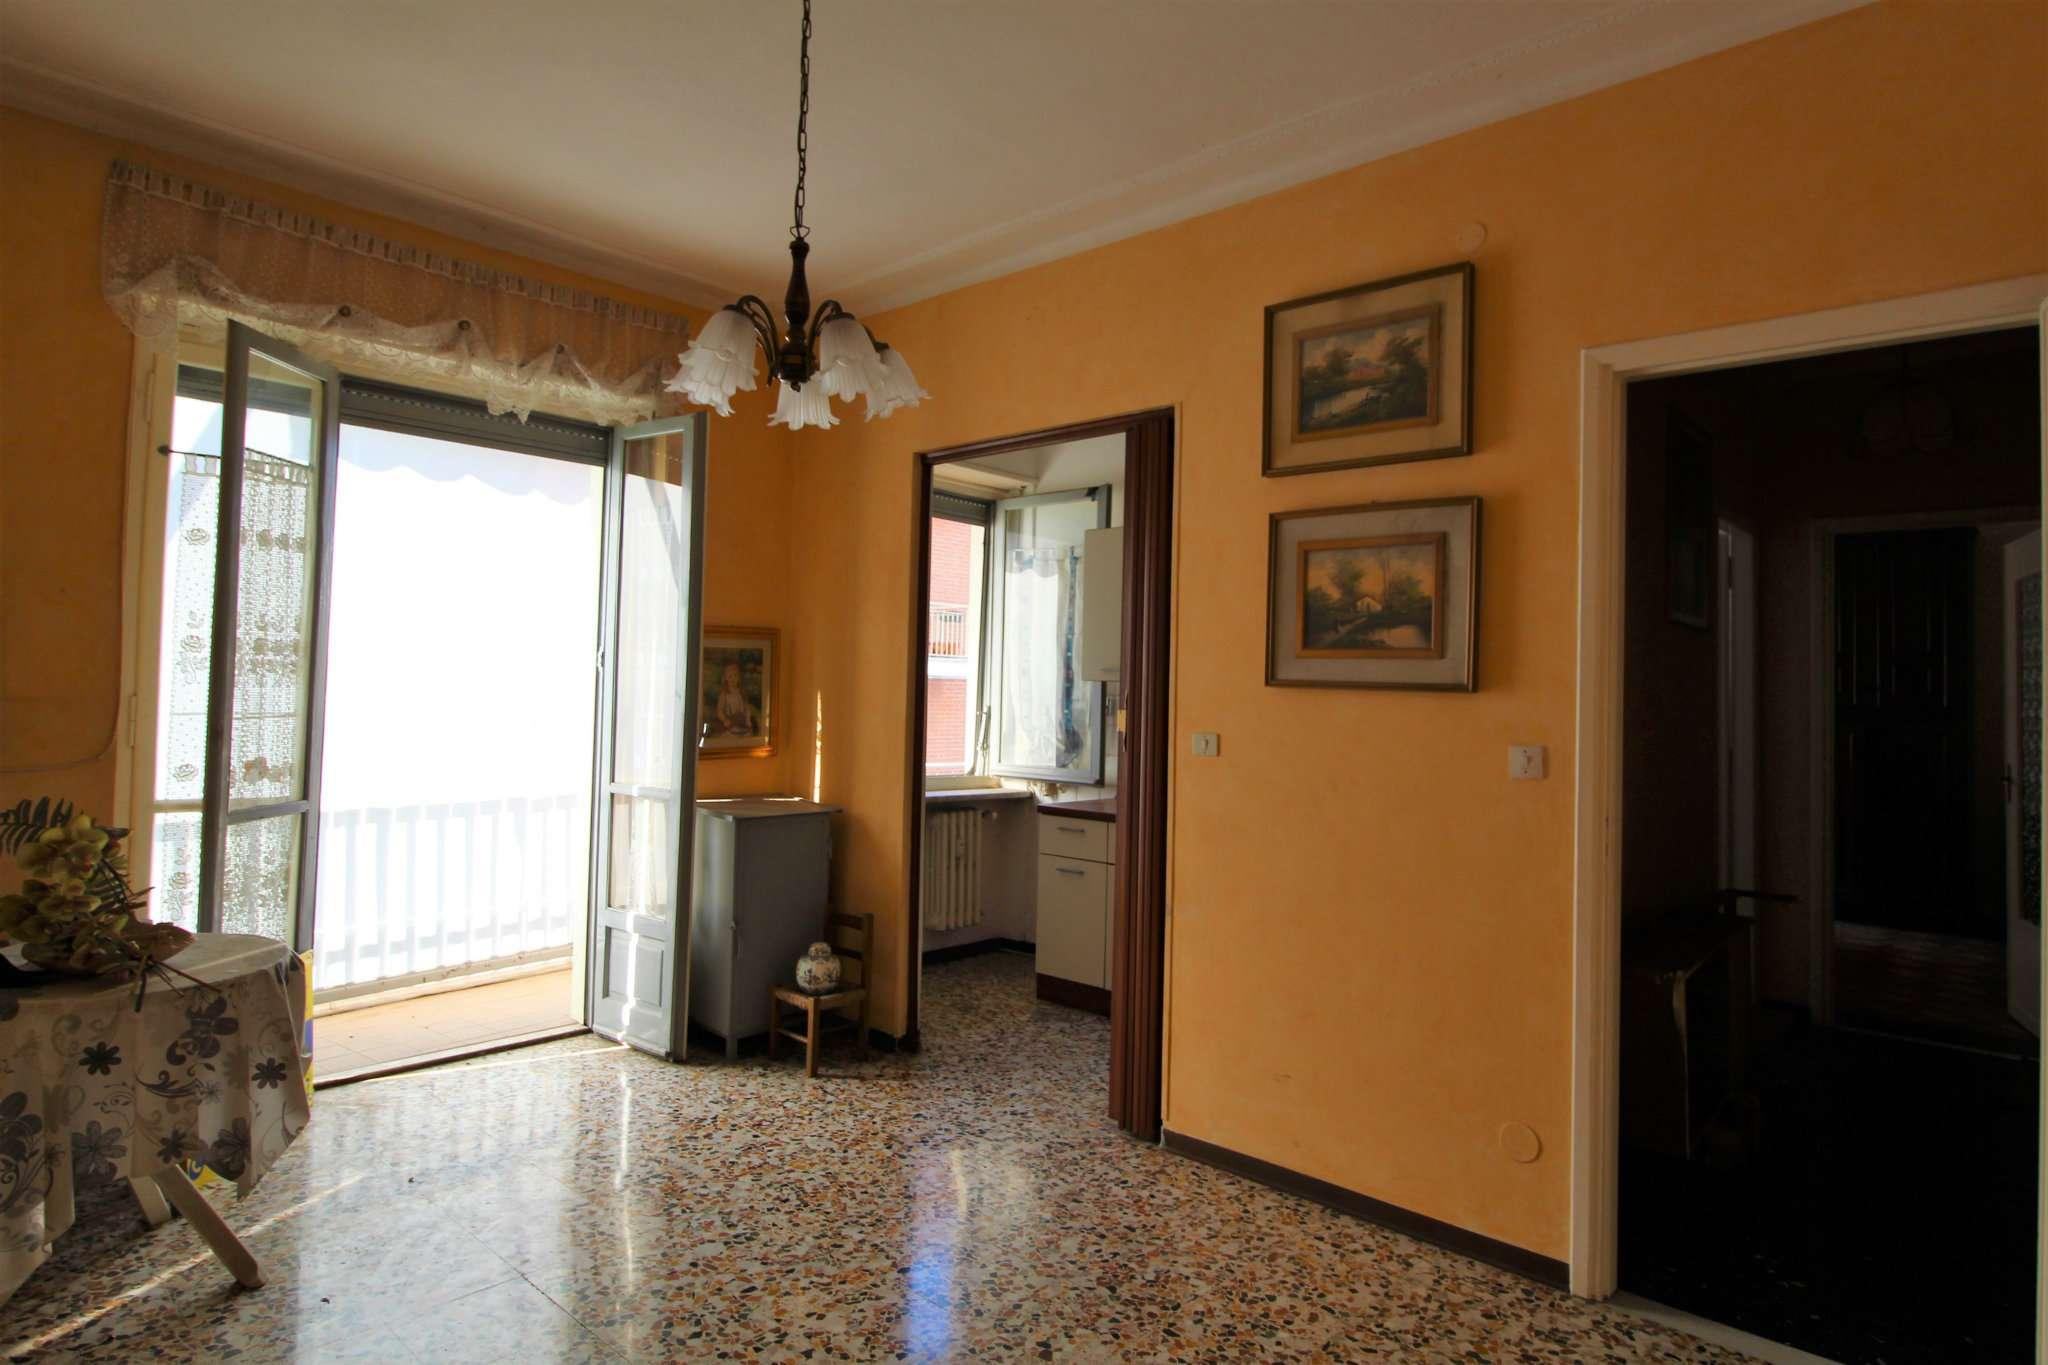 Appartamento in vendita a None, 2 locali, prezzo € 39.000 | CambioCasa.it